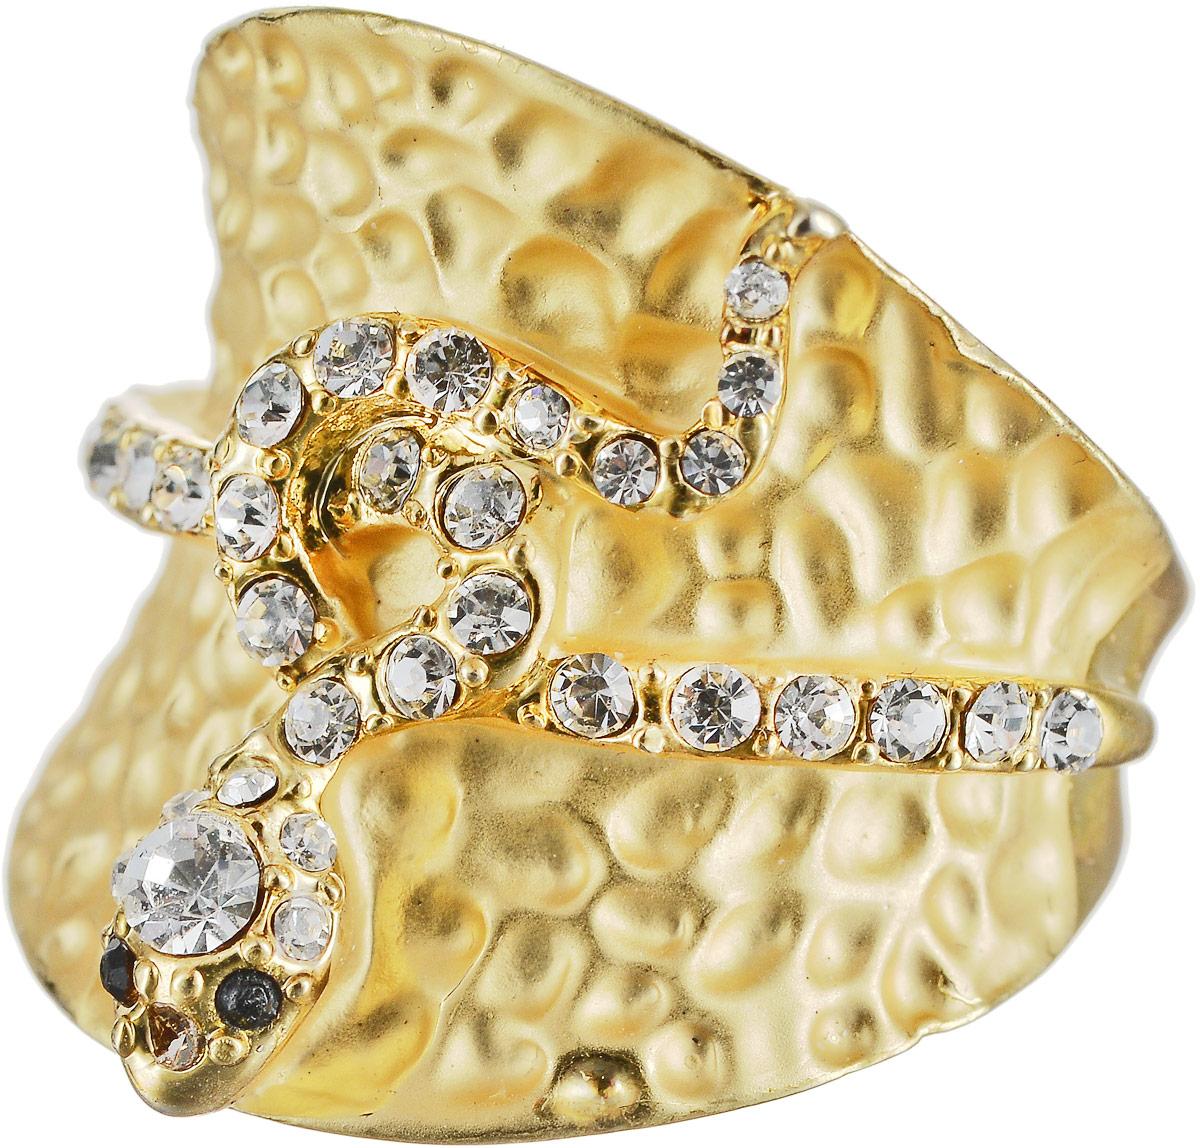 Кольцо Art-Silver, цвет: золотой. М341-540. Размер 17М341-540Оригинальное кольцо Art-Silver выполнено из бижутерного сплава с гальваническим покрытием. Кольцо украшено декоративными вставками. Элегантное кольцо Art-Silver превосходно дополнит ваш образ и подчеркнет отменное чувство стиля своей обладательницы.